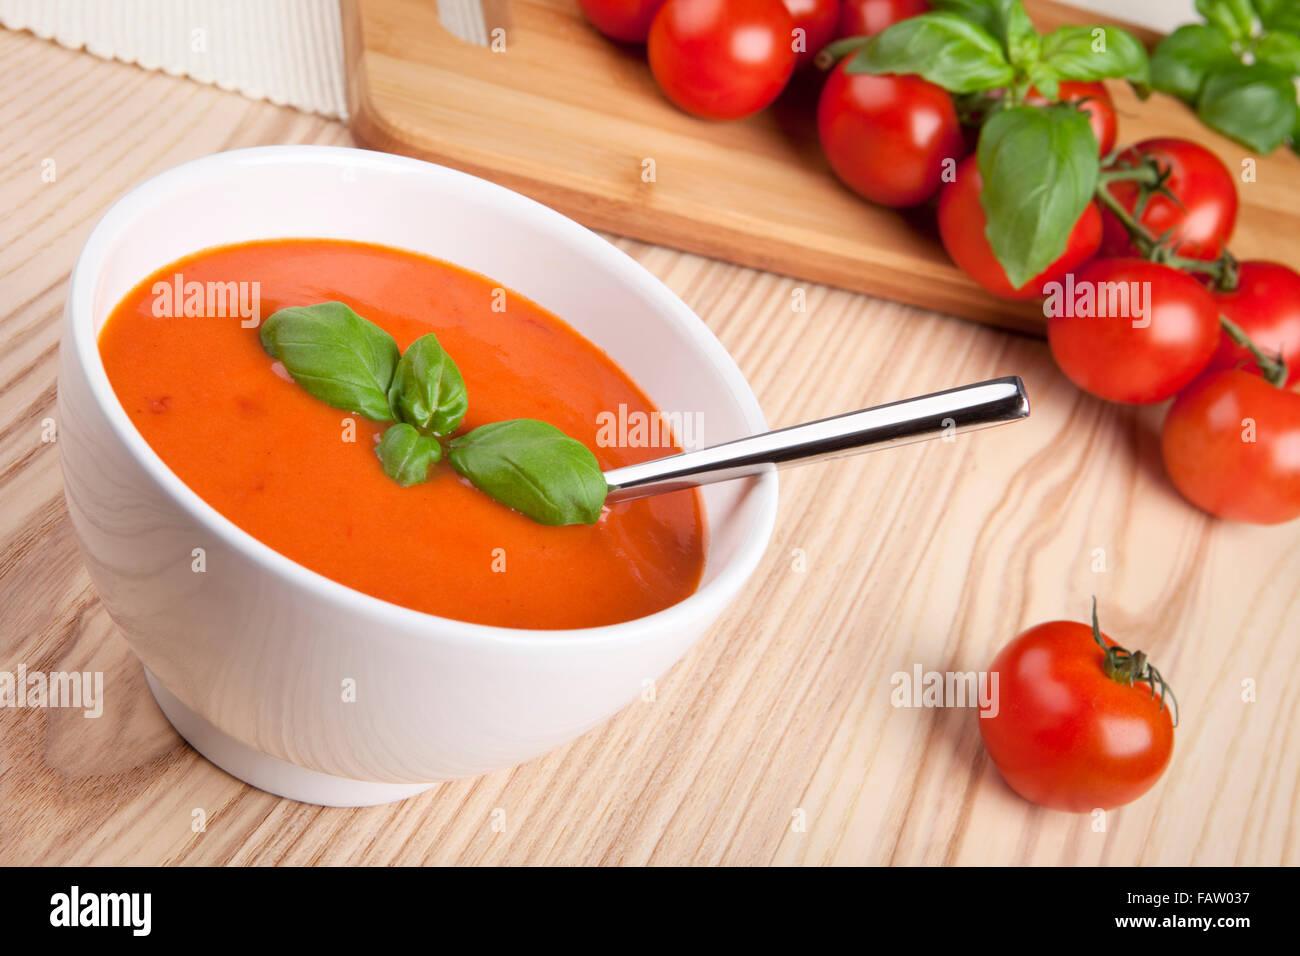 Tomatensuppe mit Basilikum in eine Schüssel geben. Stockbild